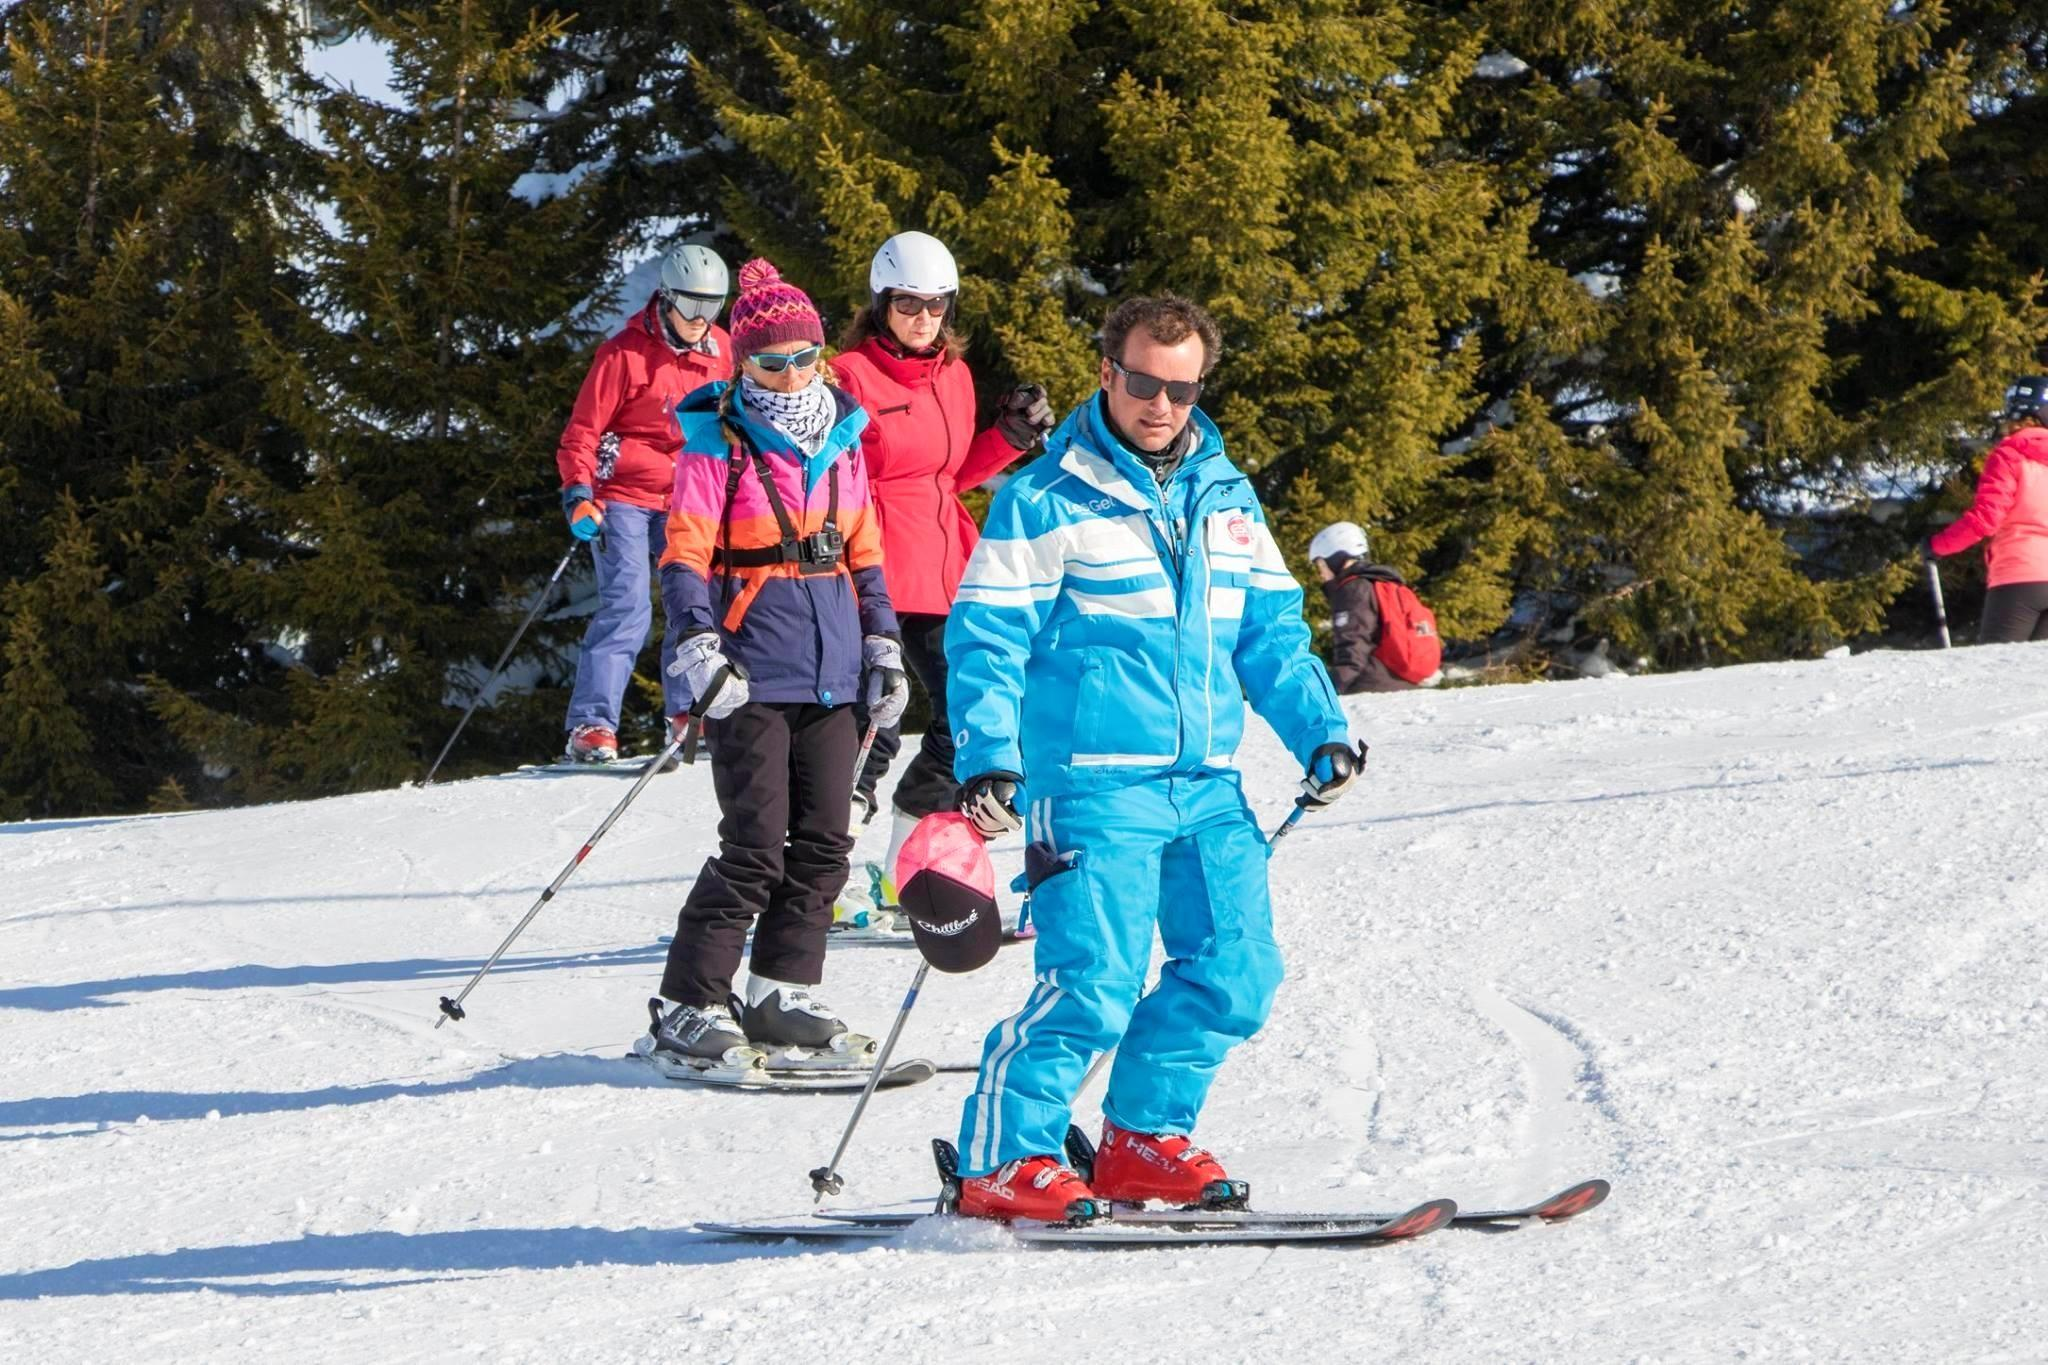 Cours de ski Adultes pour Tous niveaux - Basse saison